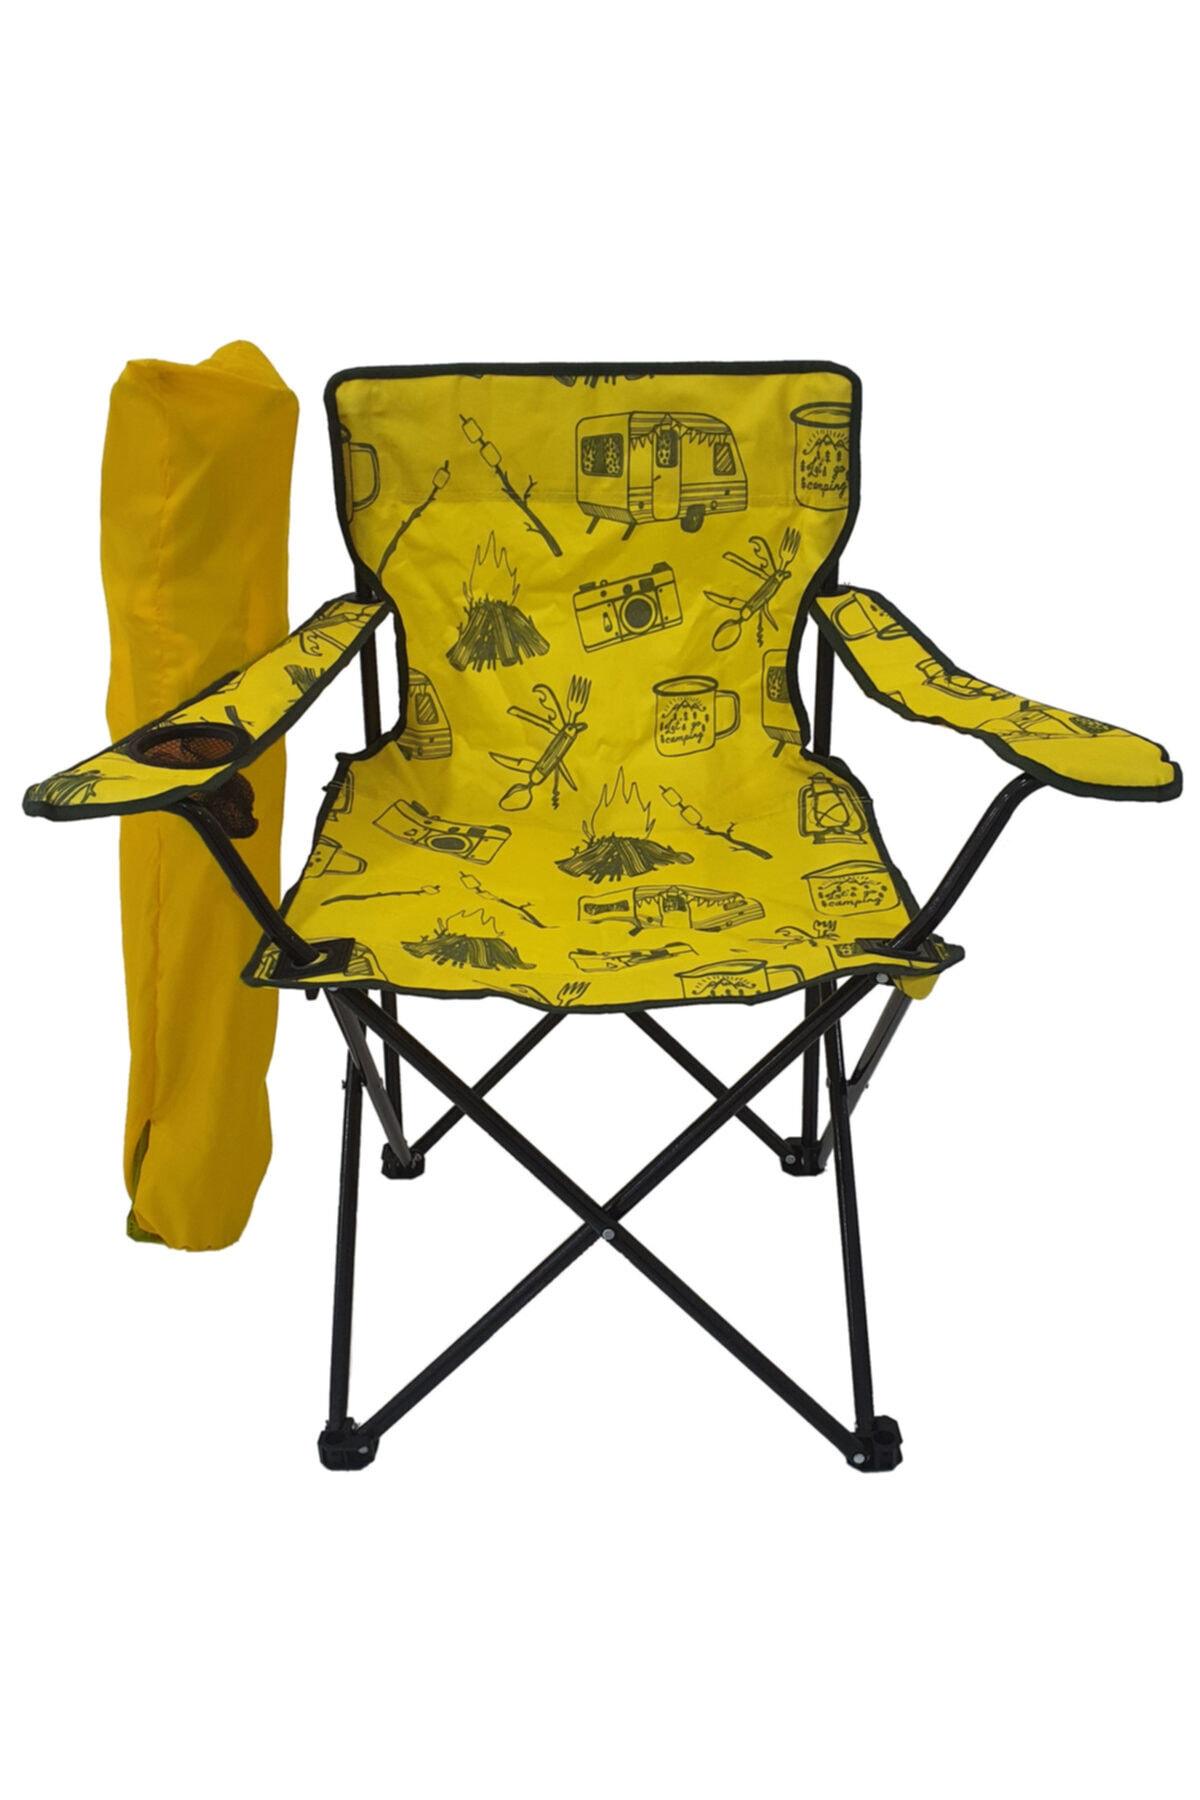 Kamp Sandalyesi Katlanır Sandalye Bahçe Koltuğu Piknik Plaj Balkon Sandalyesi Desenli Sarı